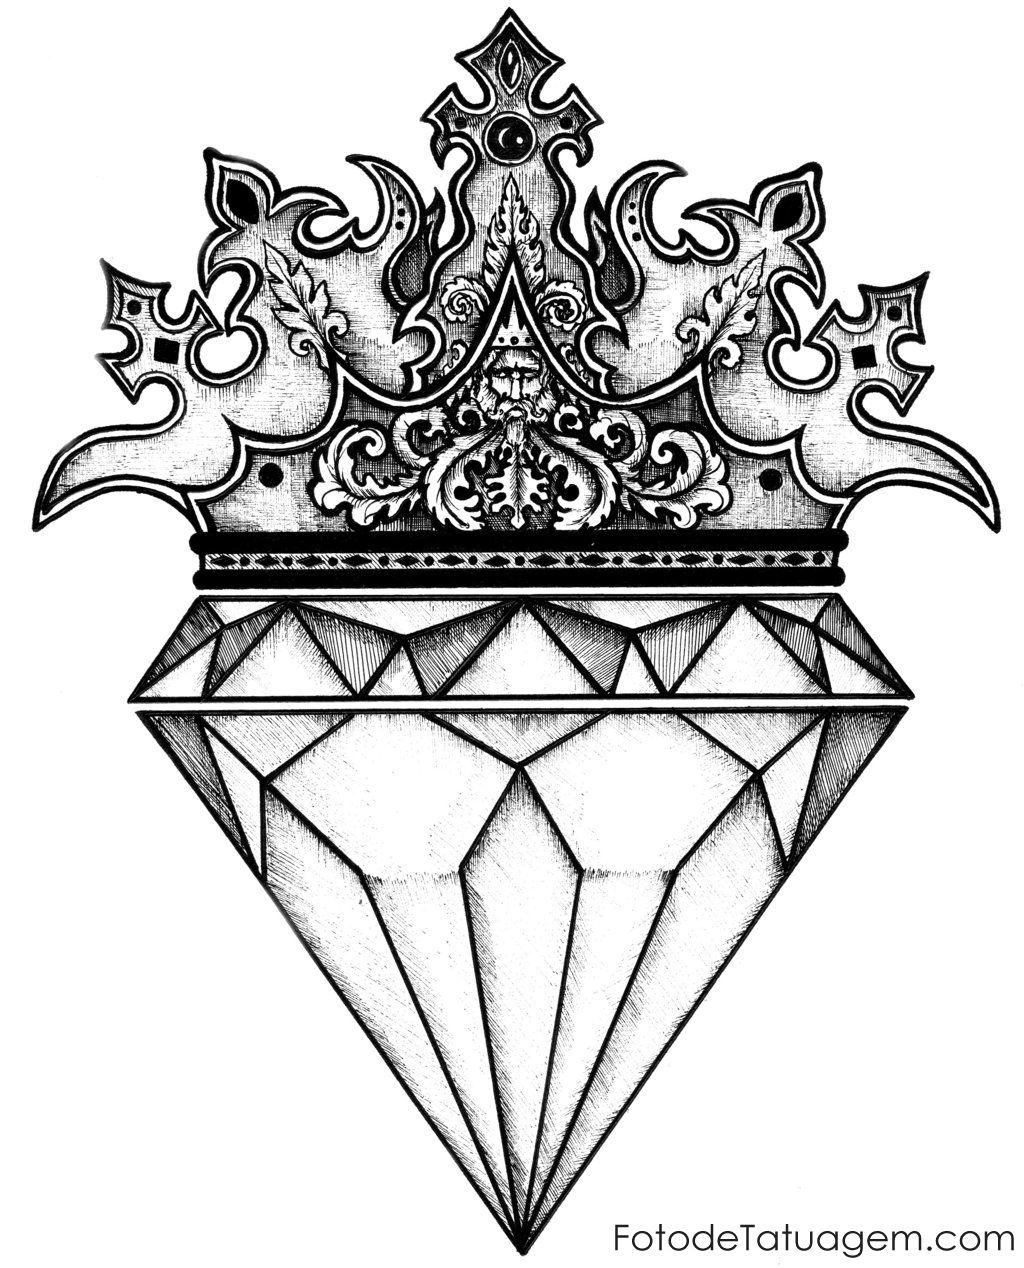 Diamante Desenho Pesquisa Google Diamante Tatuagem